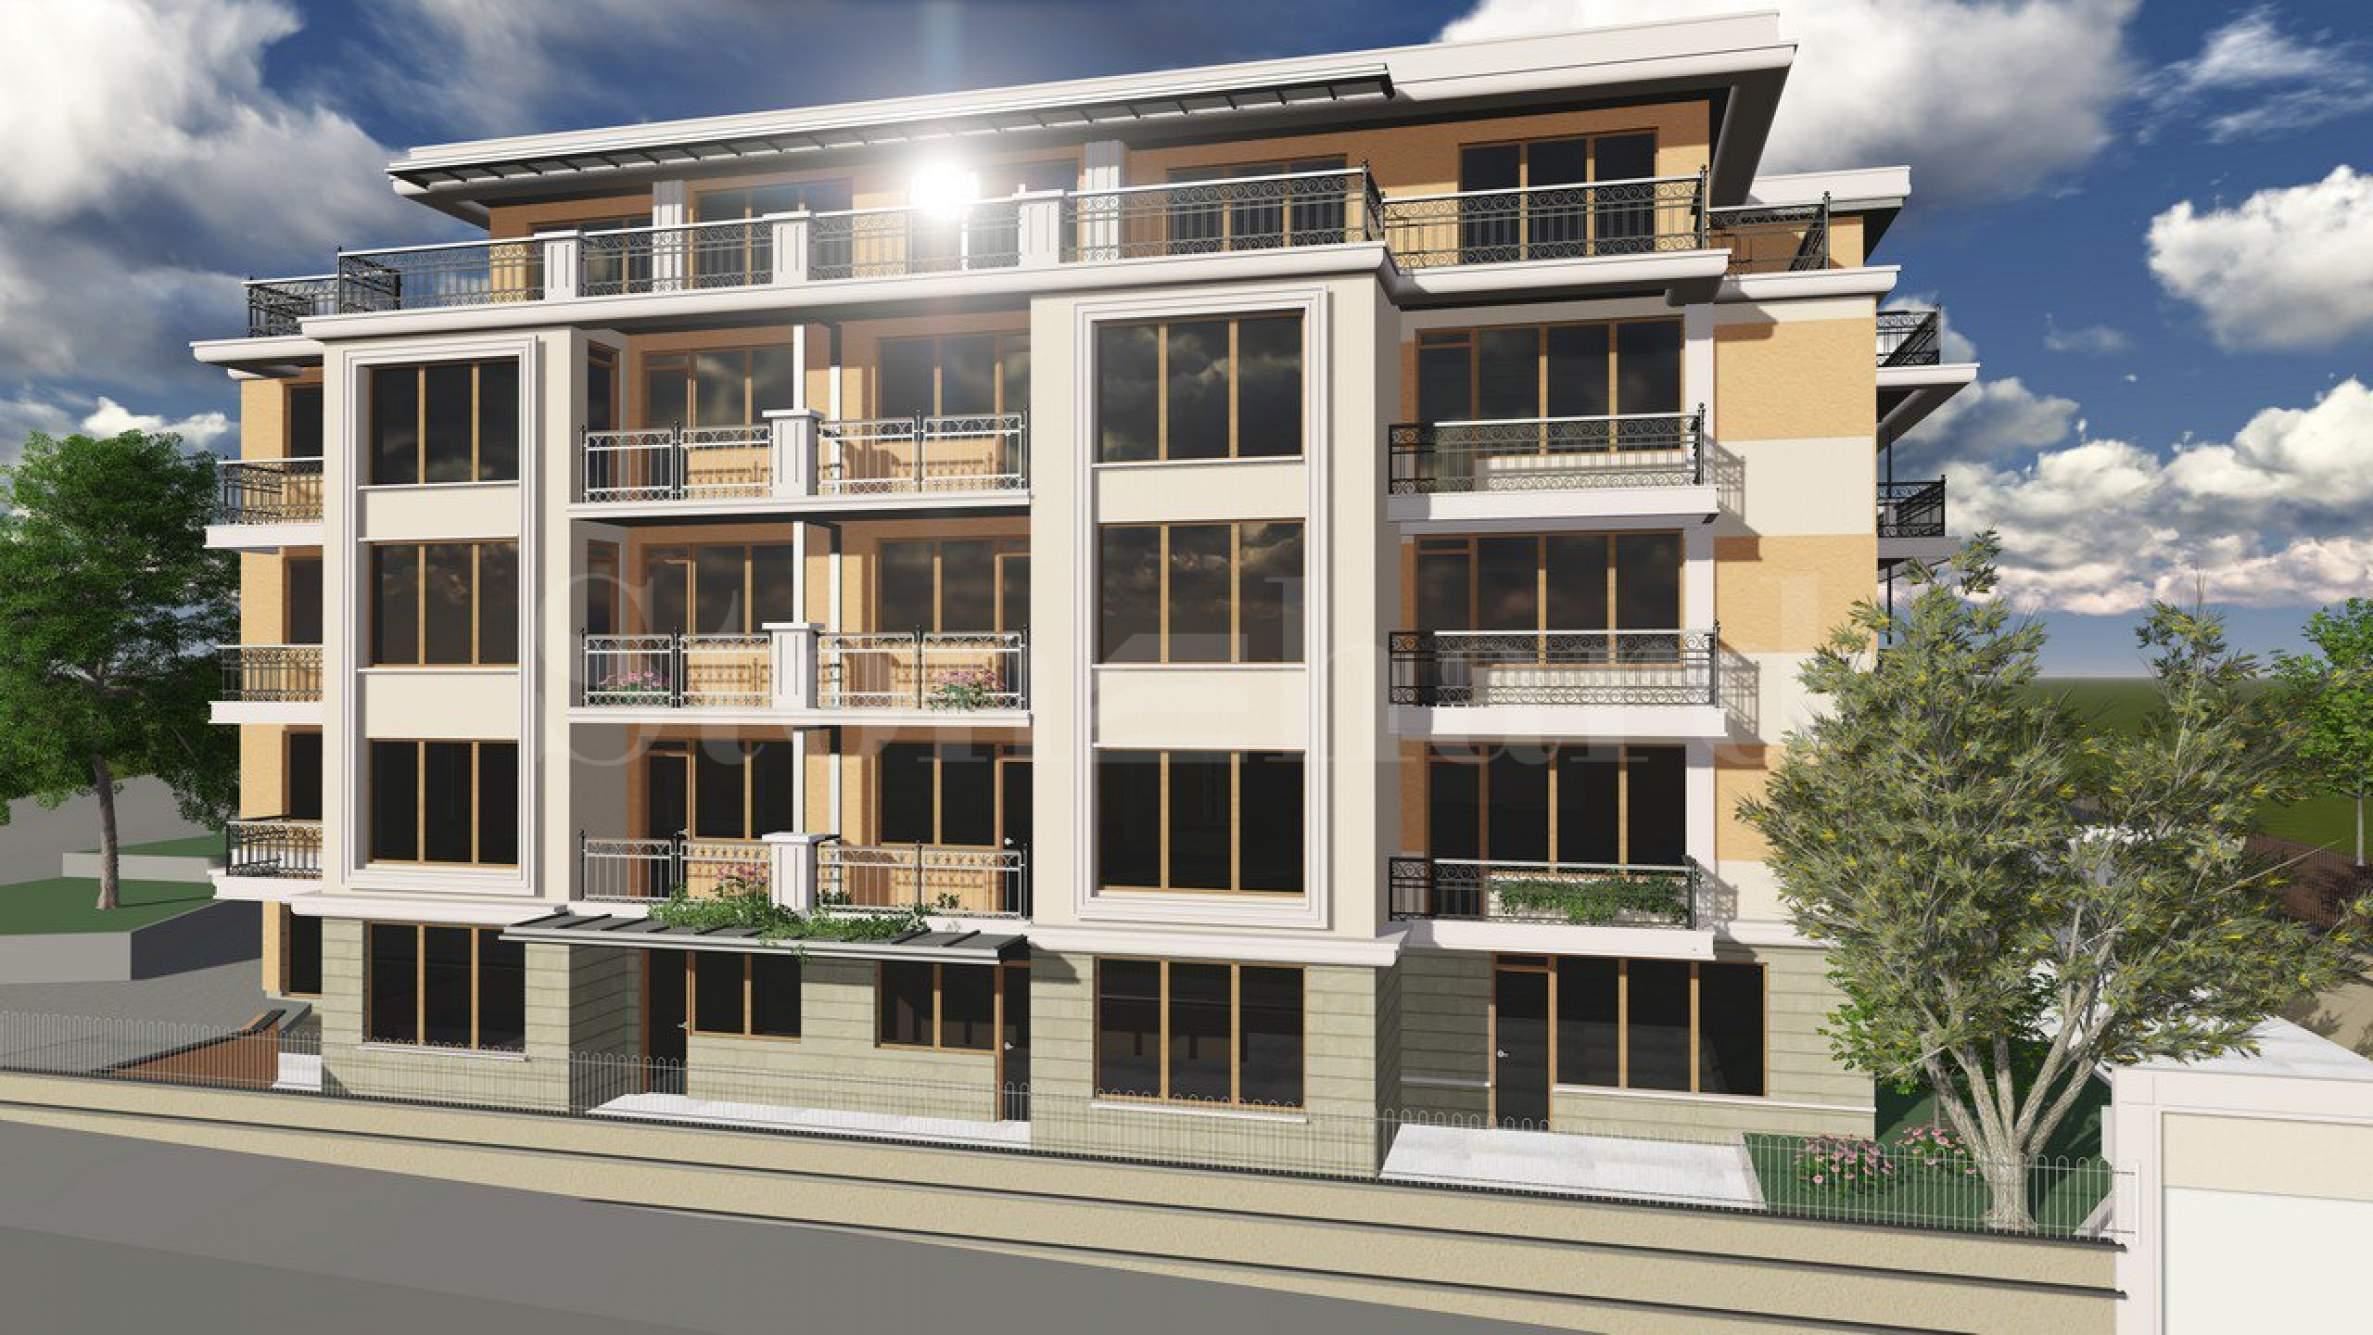 Апартаменти в комплекс до борова гора 1 - Stonehard